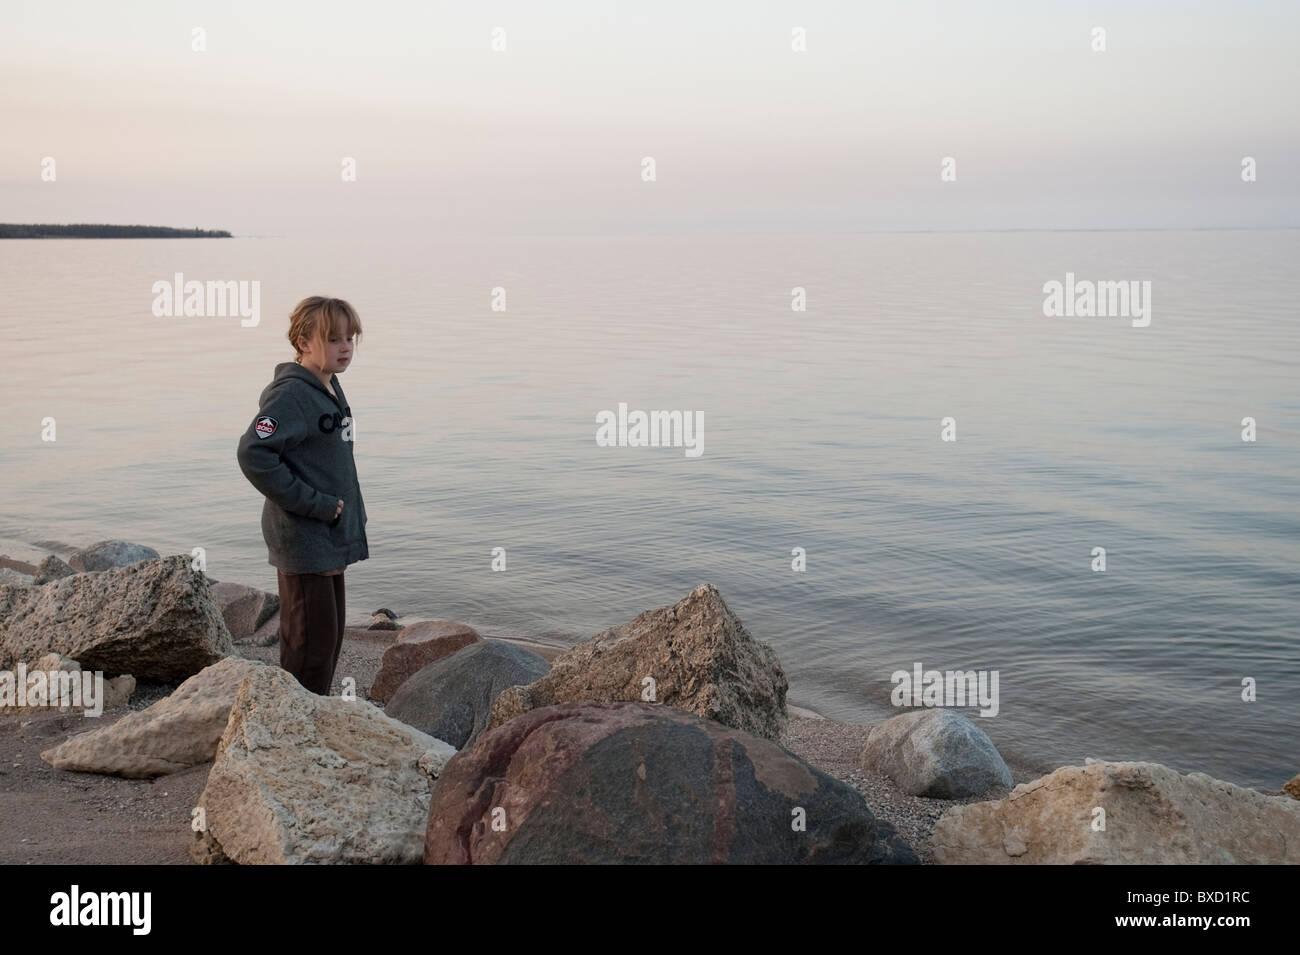 Girl along the shoreline in Gimli, Manitoba, Canada Stock